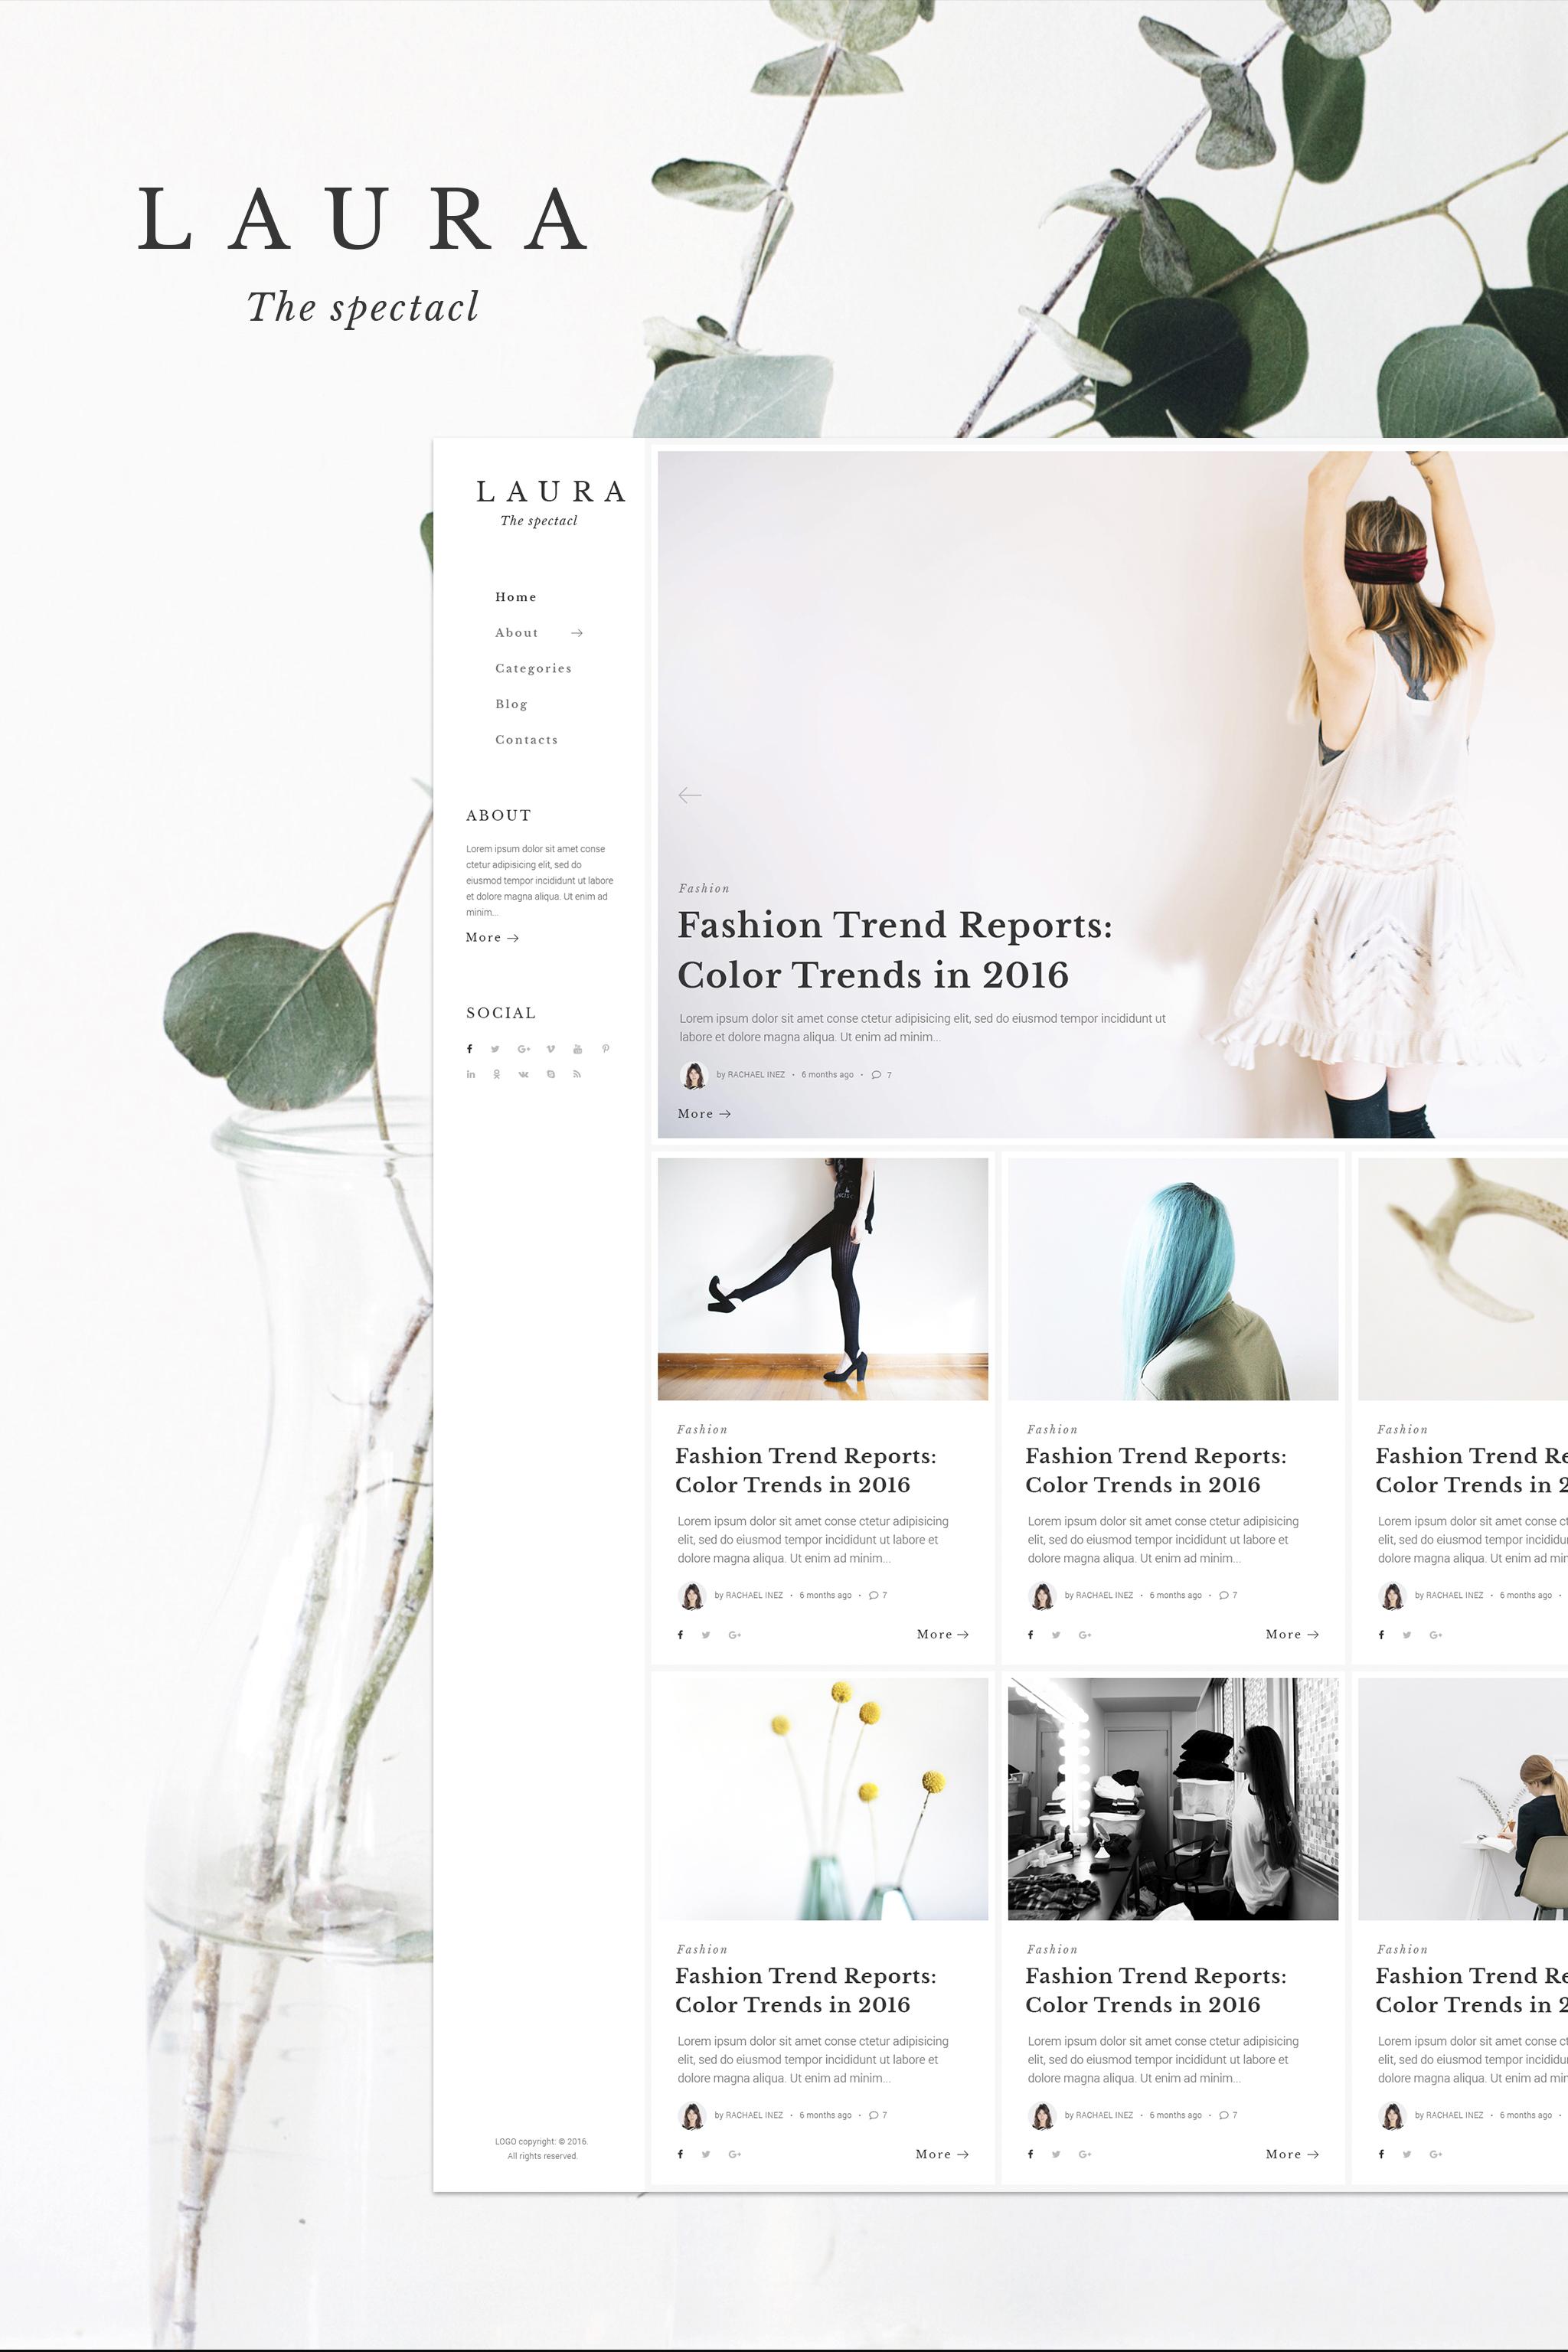 Адаптивный шаблон персонального модного блога #64847